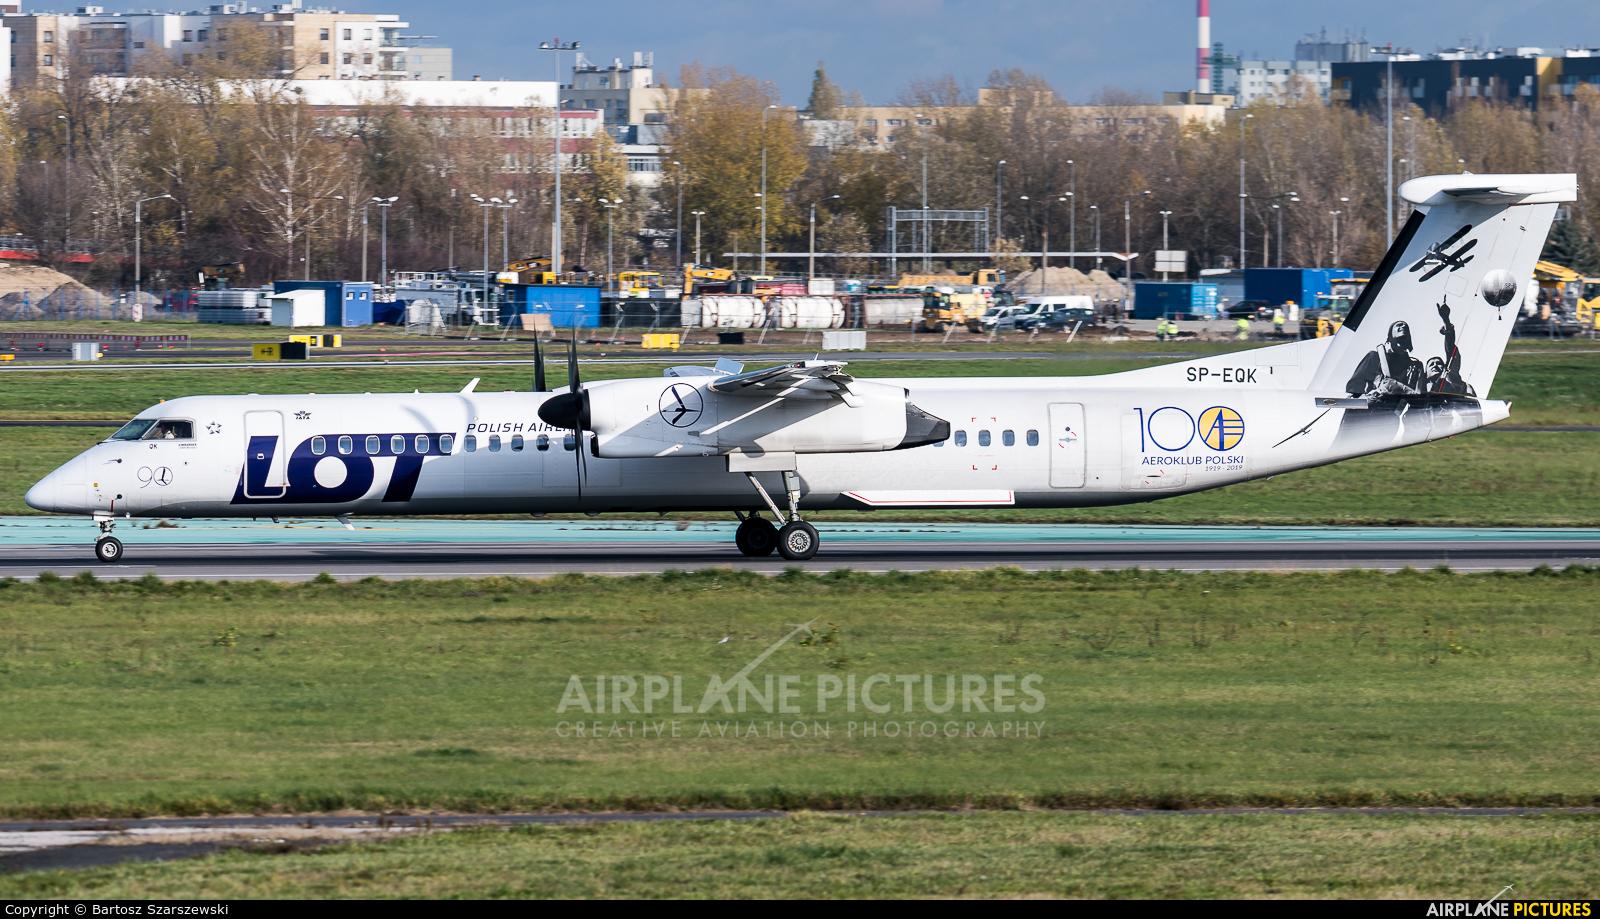 LOT - Polish Airlines SP-EQK aircraft at Warsaw - Frederic Chopin